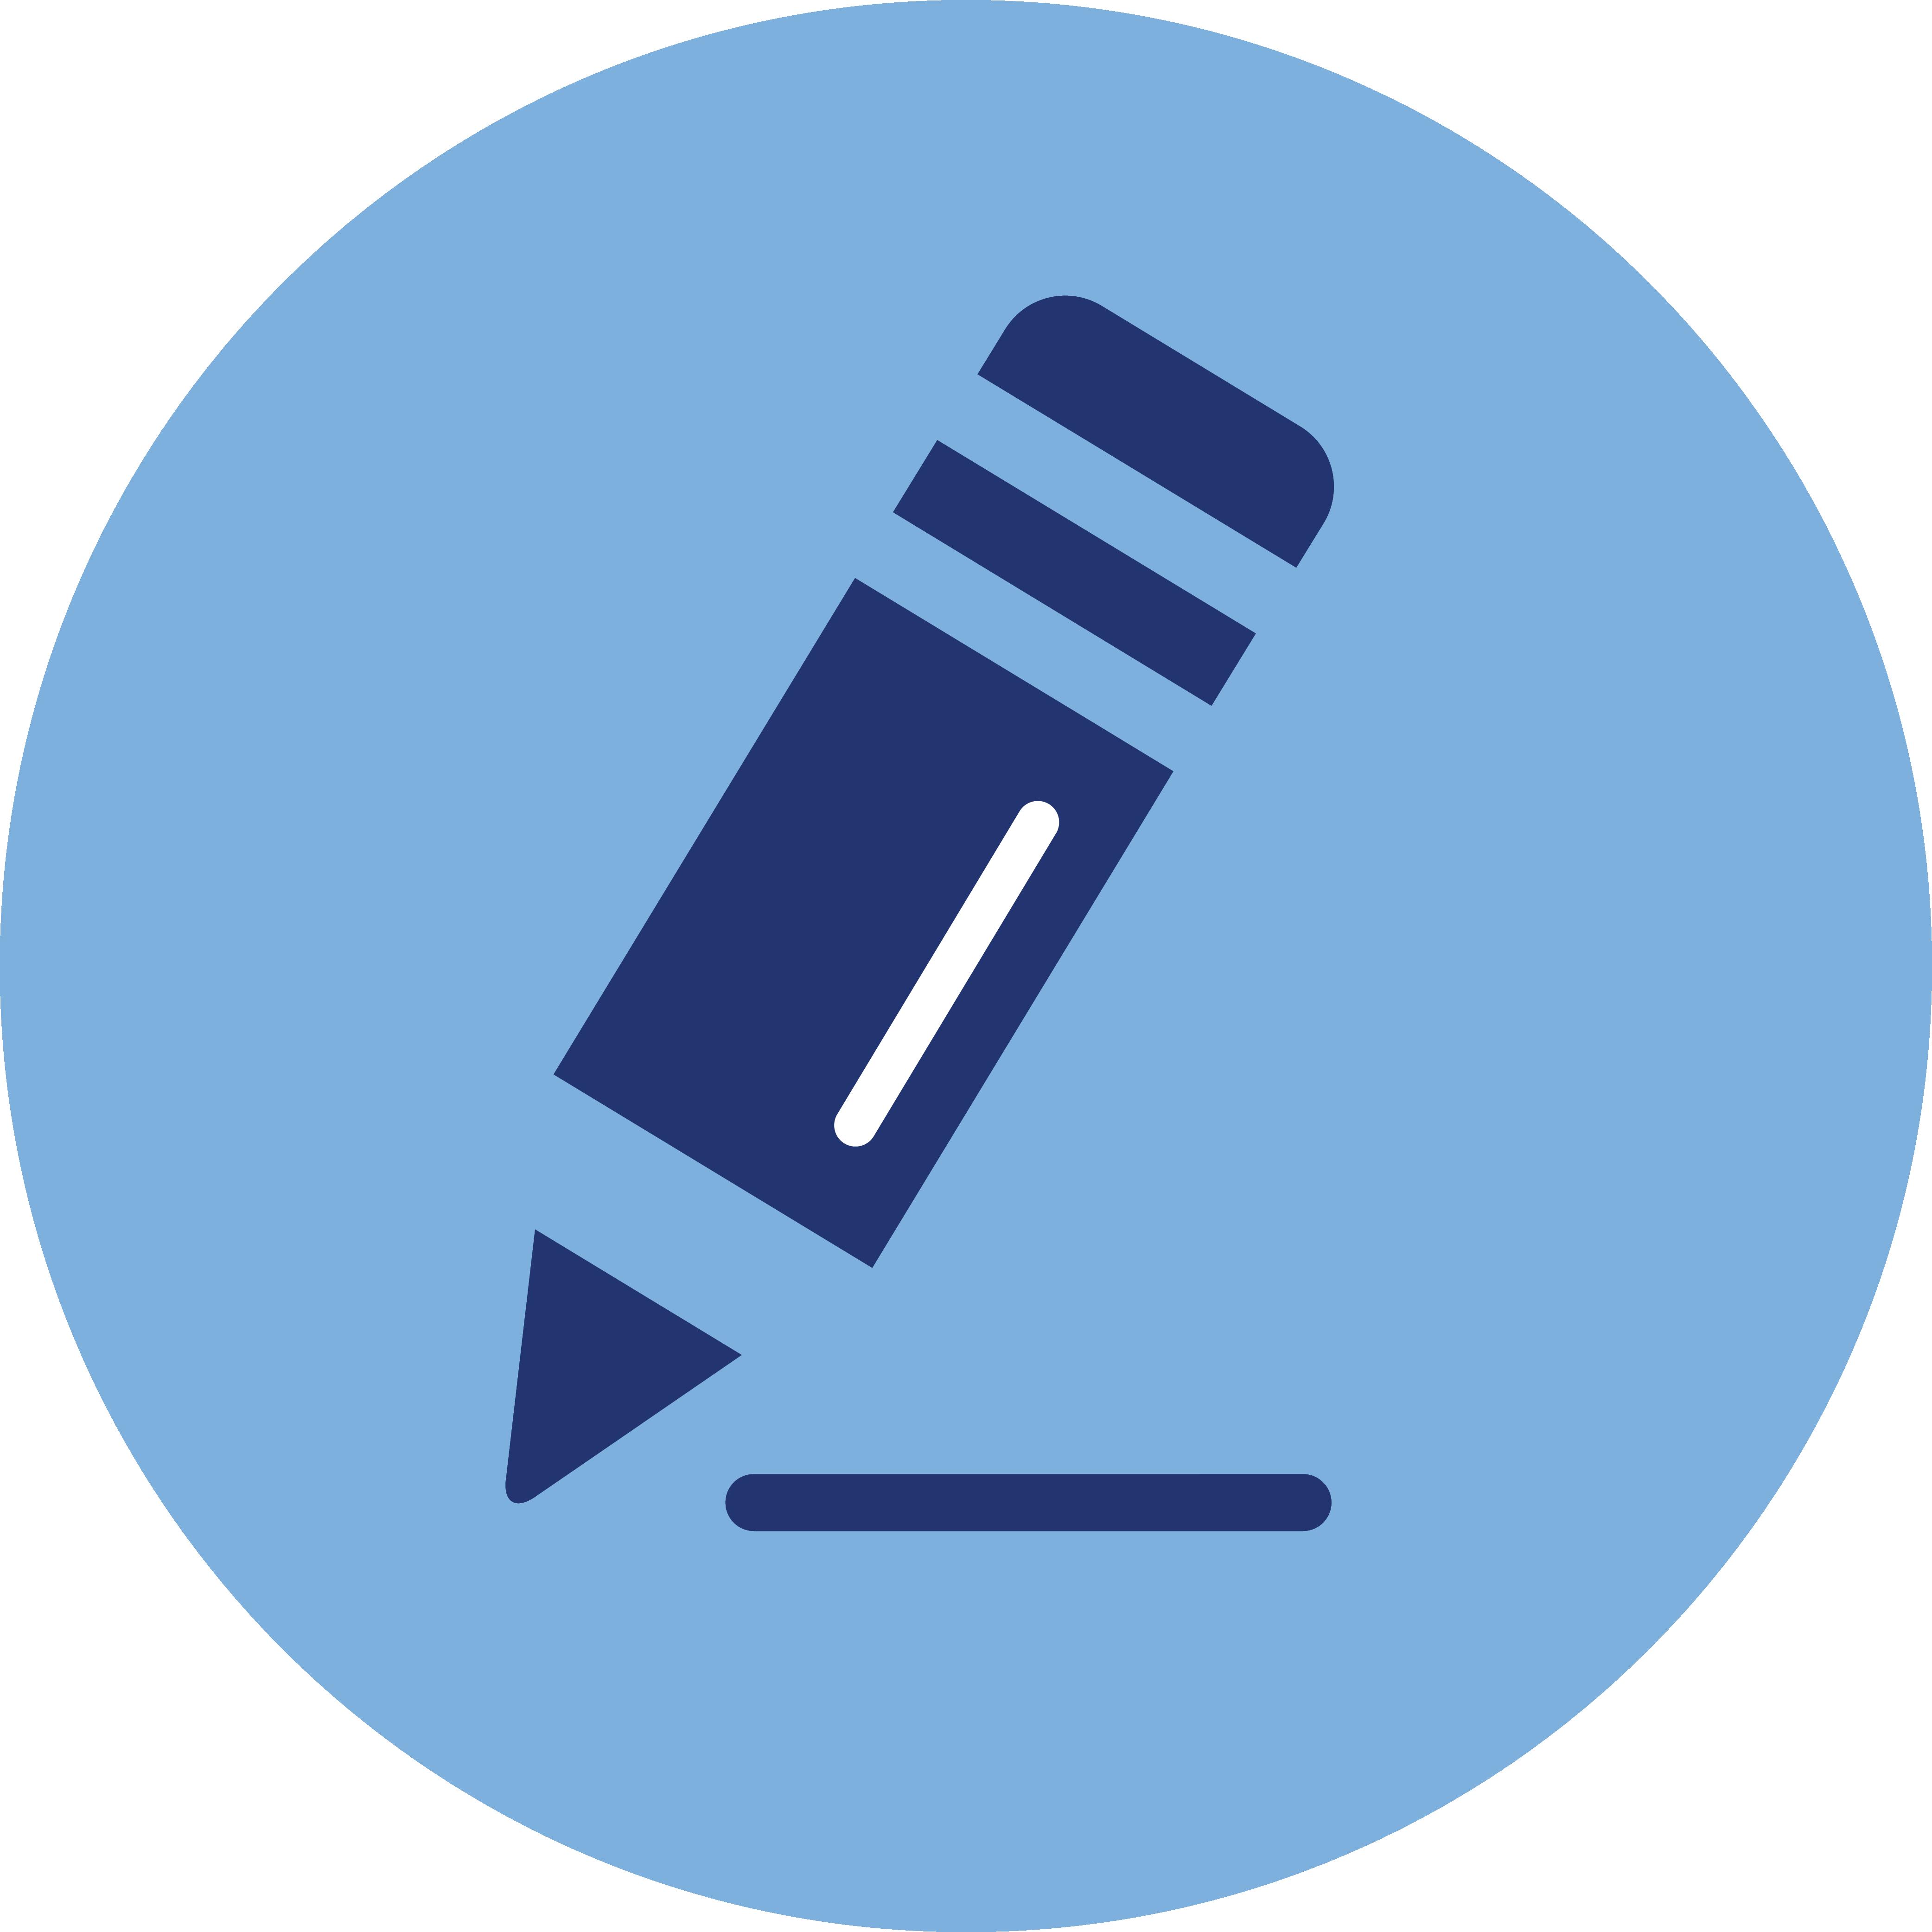 Participation in workshops logo